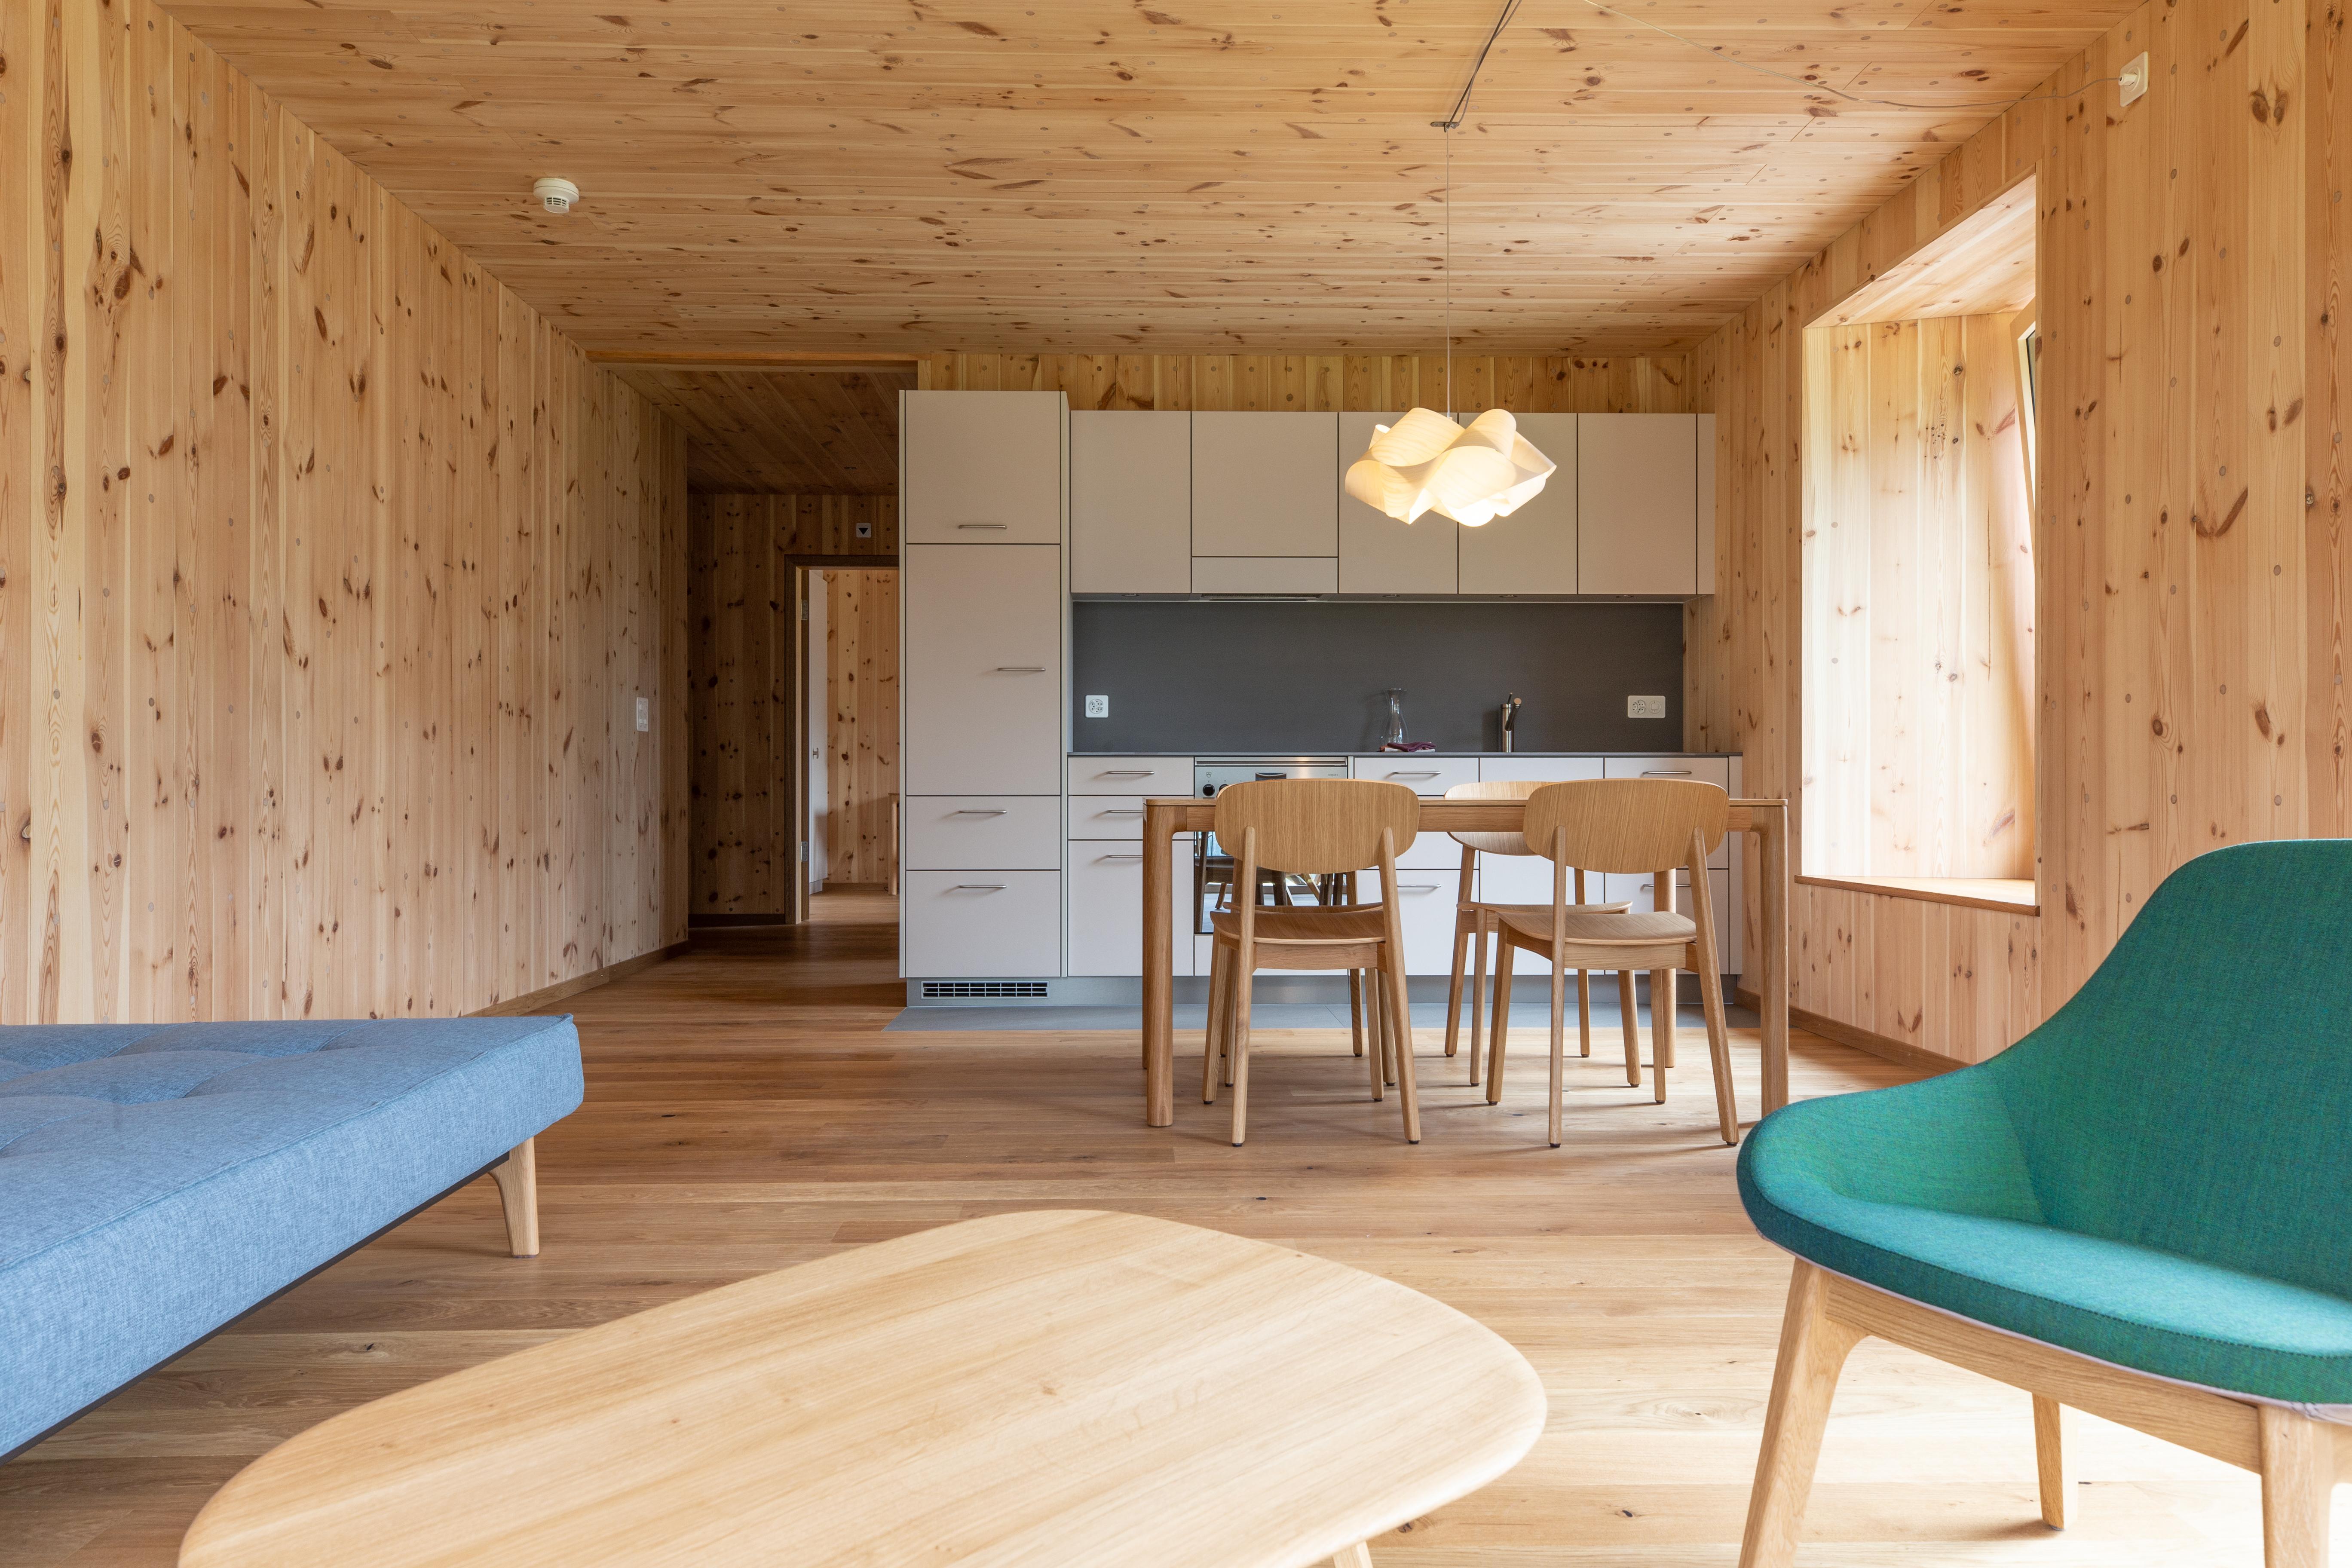 Ferienwohnungen ChieneHuus: Grosses Wohnzimmer mit Küche, Bad, Schlafzimmer